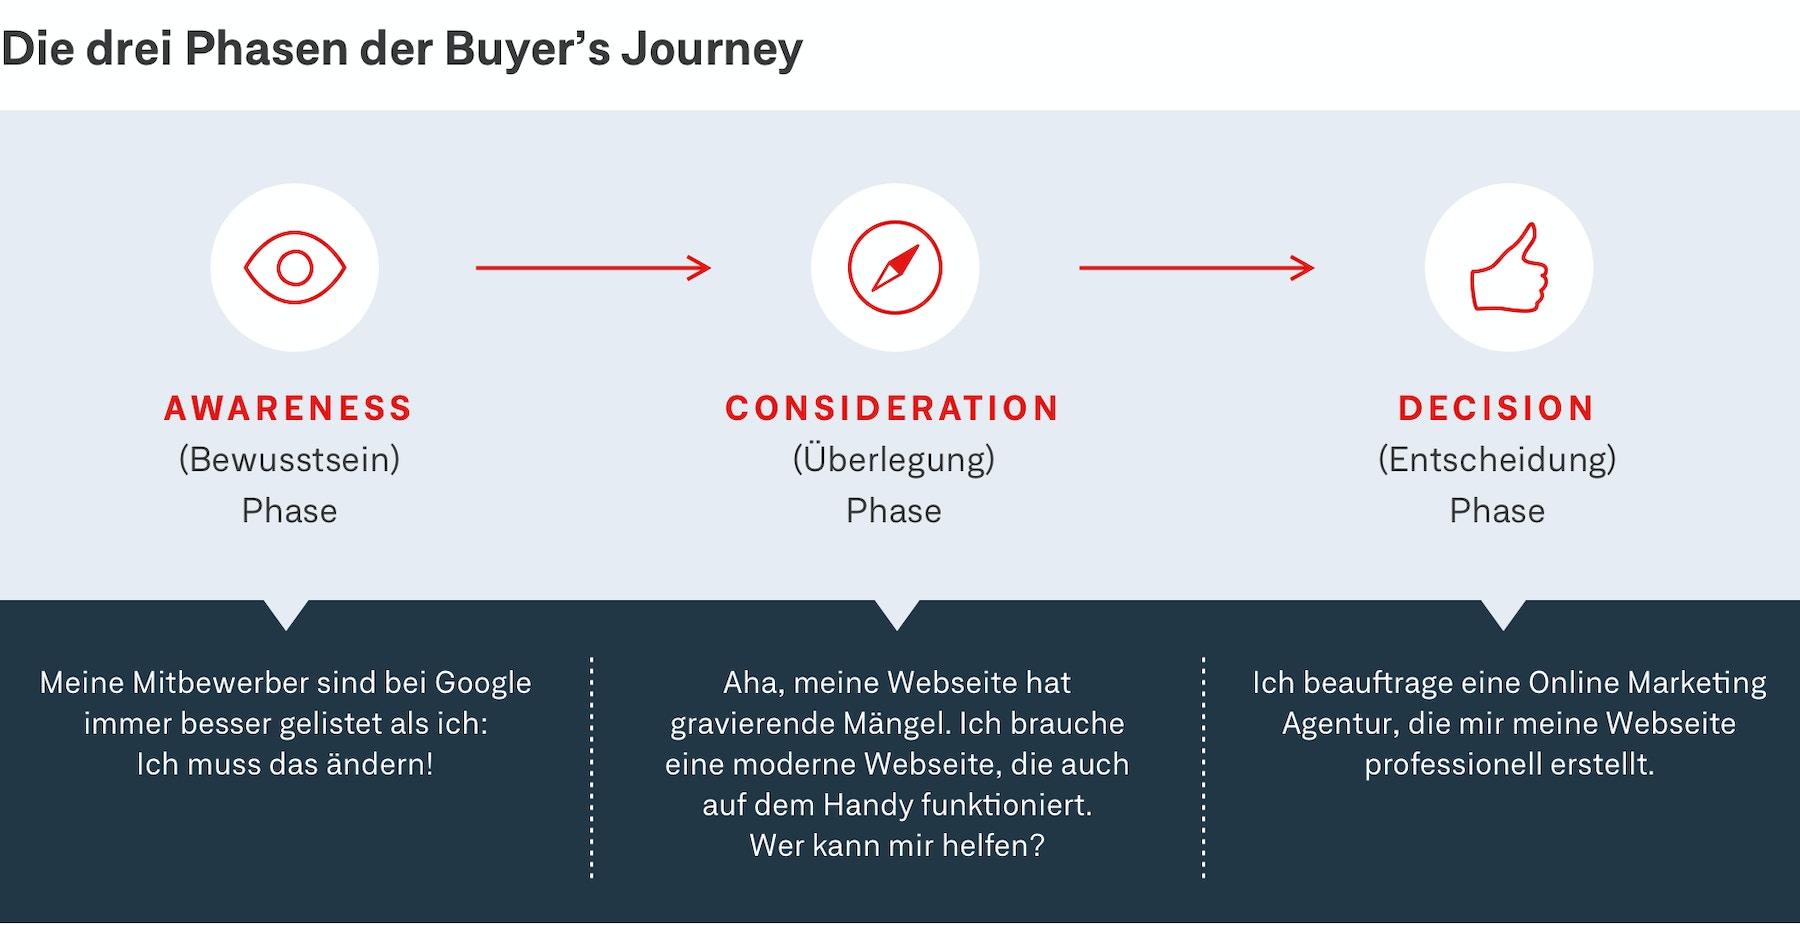 Kundenorientierung: Die drei Phasen der Buyers Journey